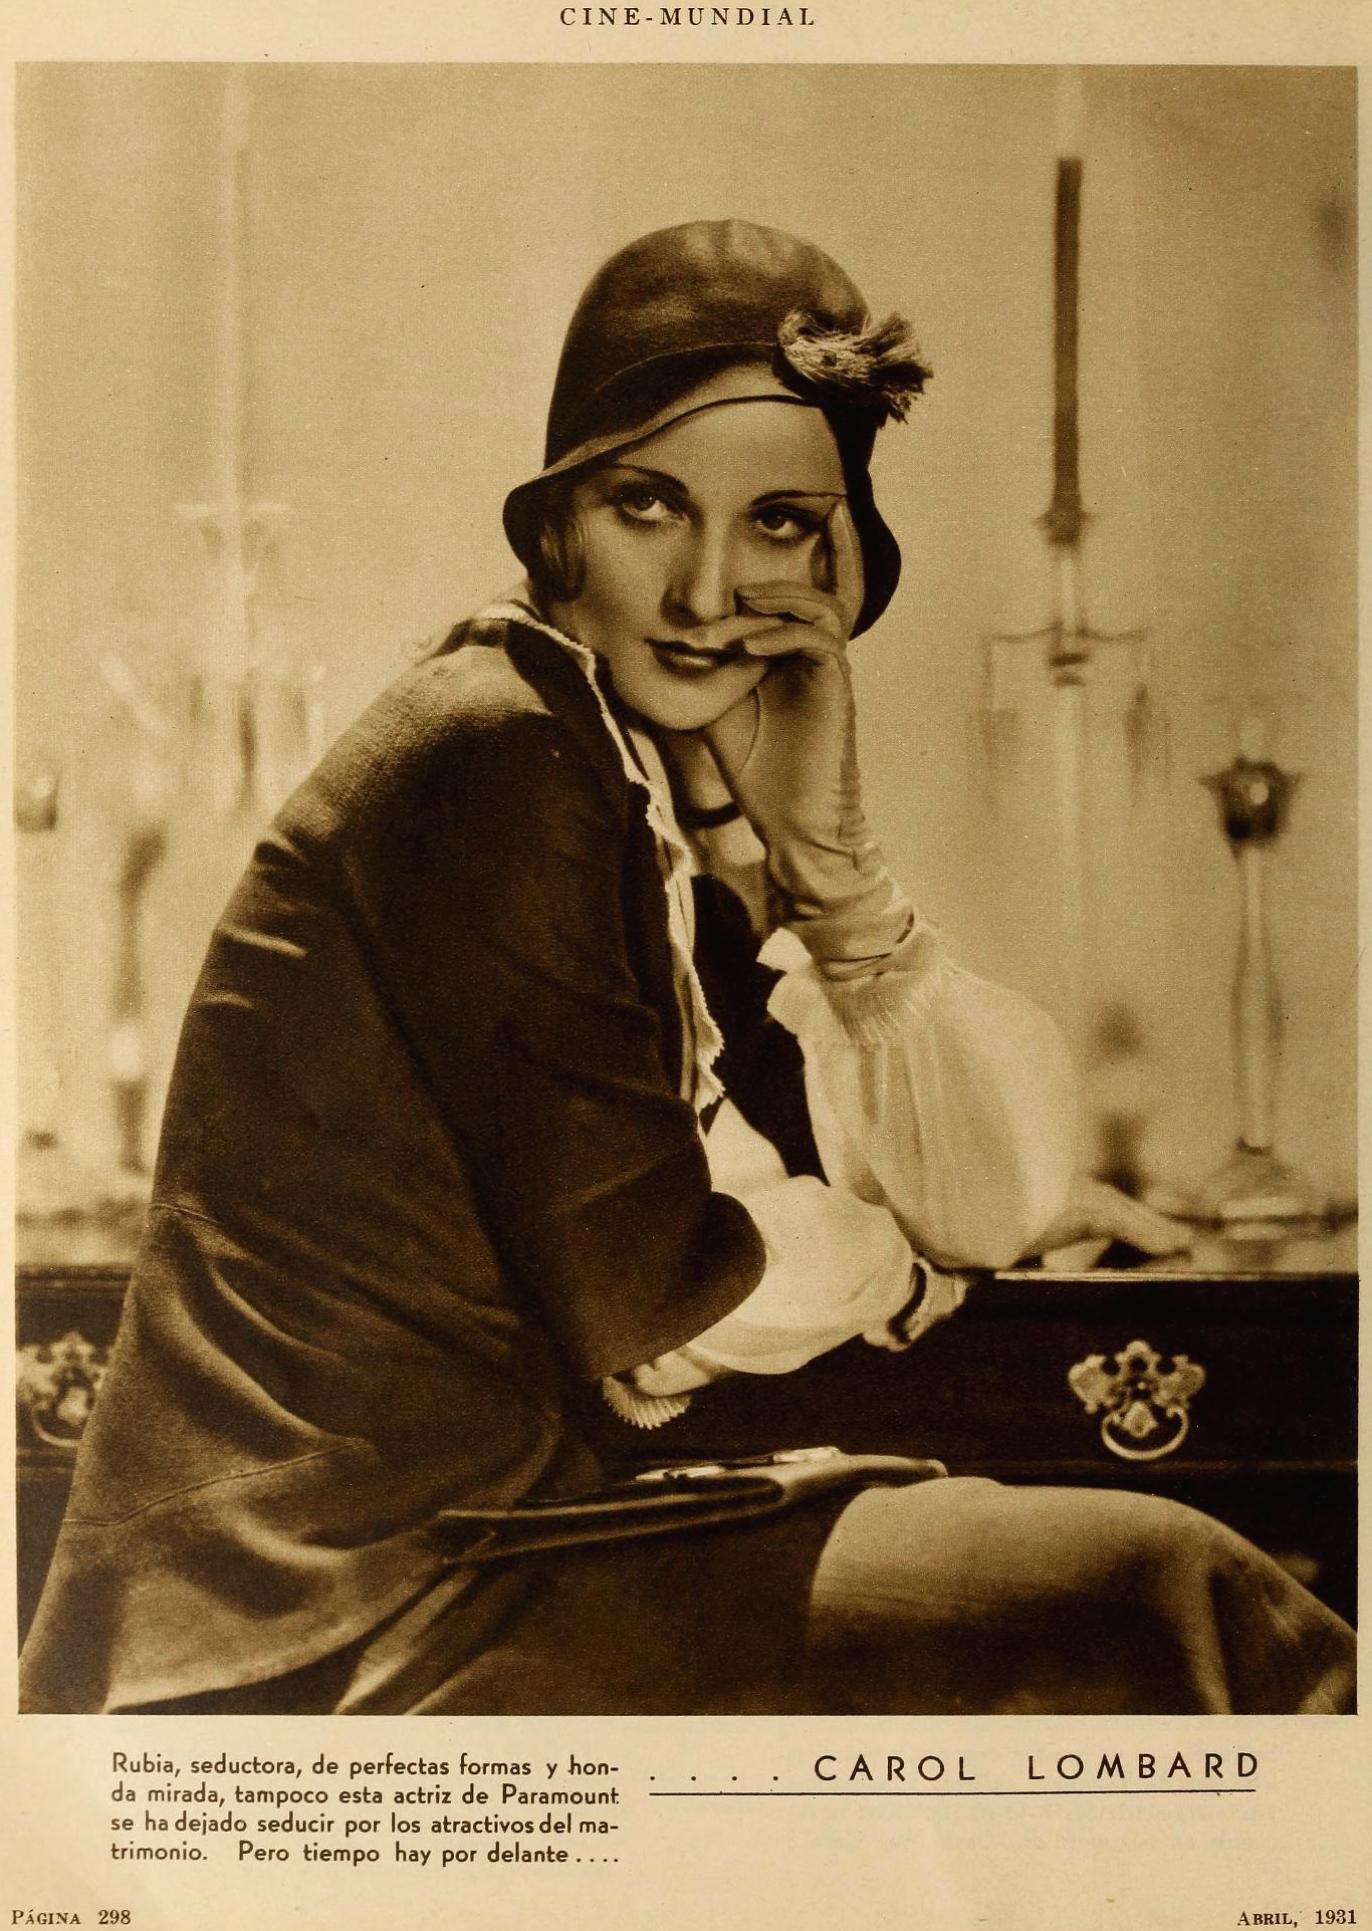 carole lombard cine mundial april 1931aa